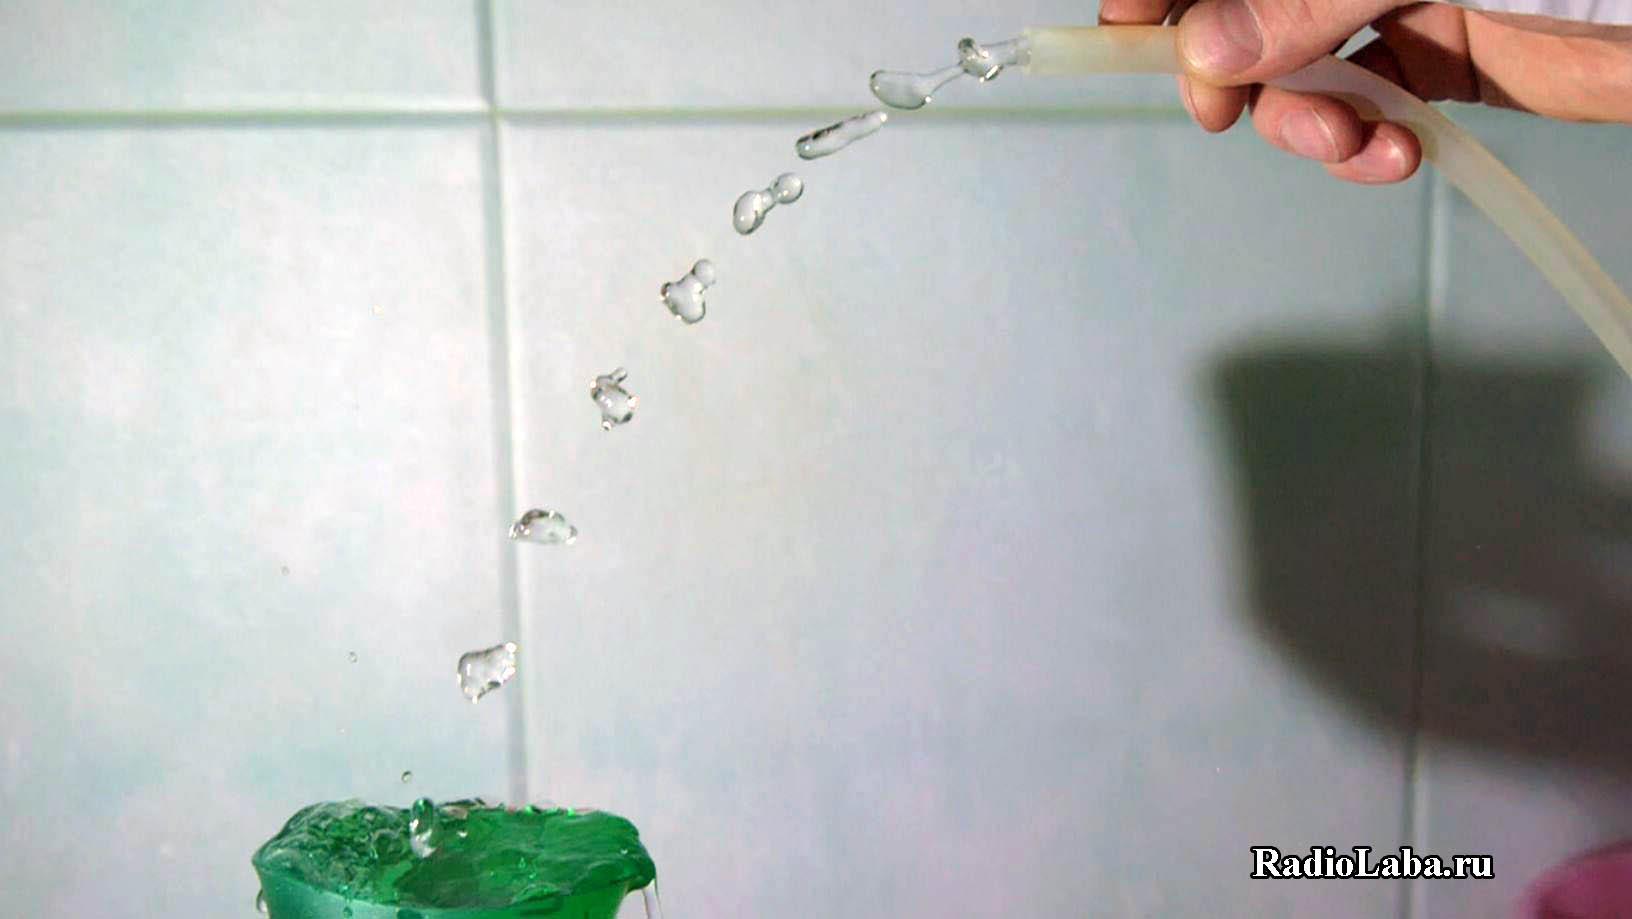 Стробоскопический эффект левитация воды